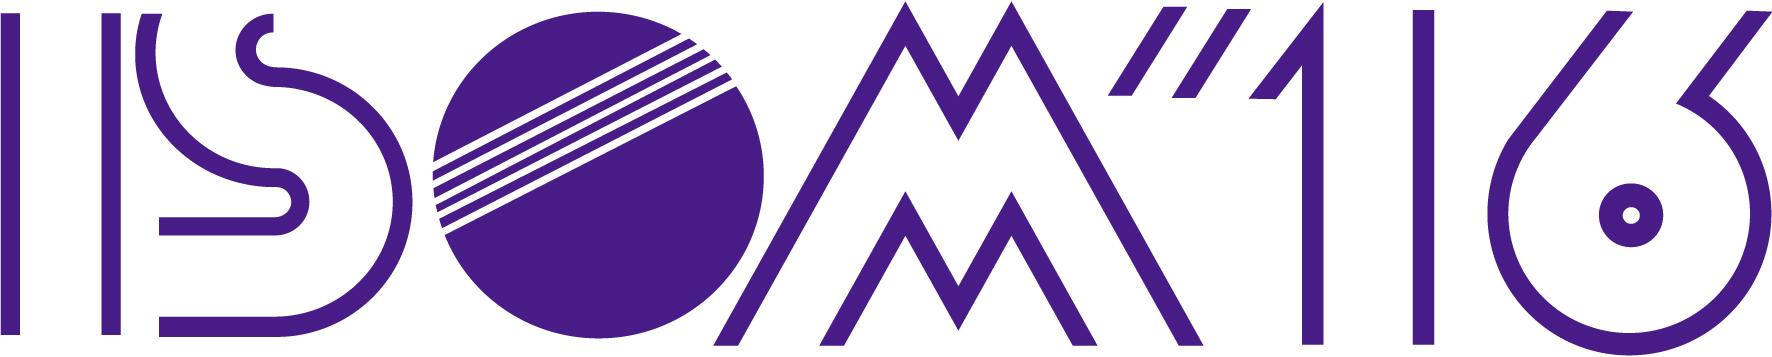 Isom16_logo.jpg